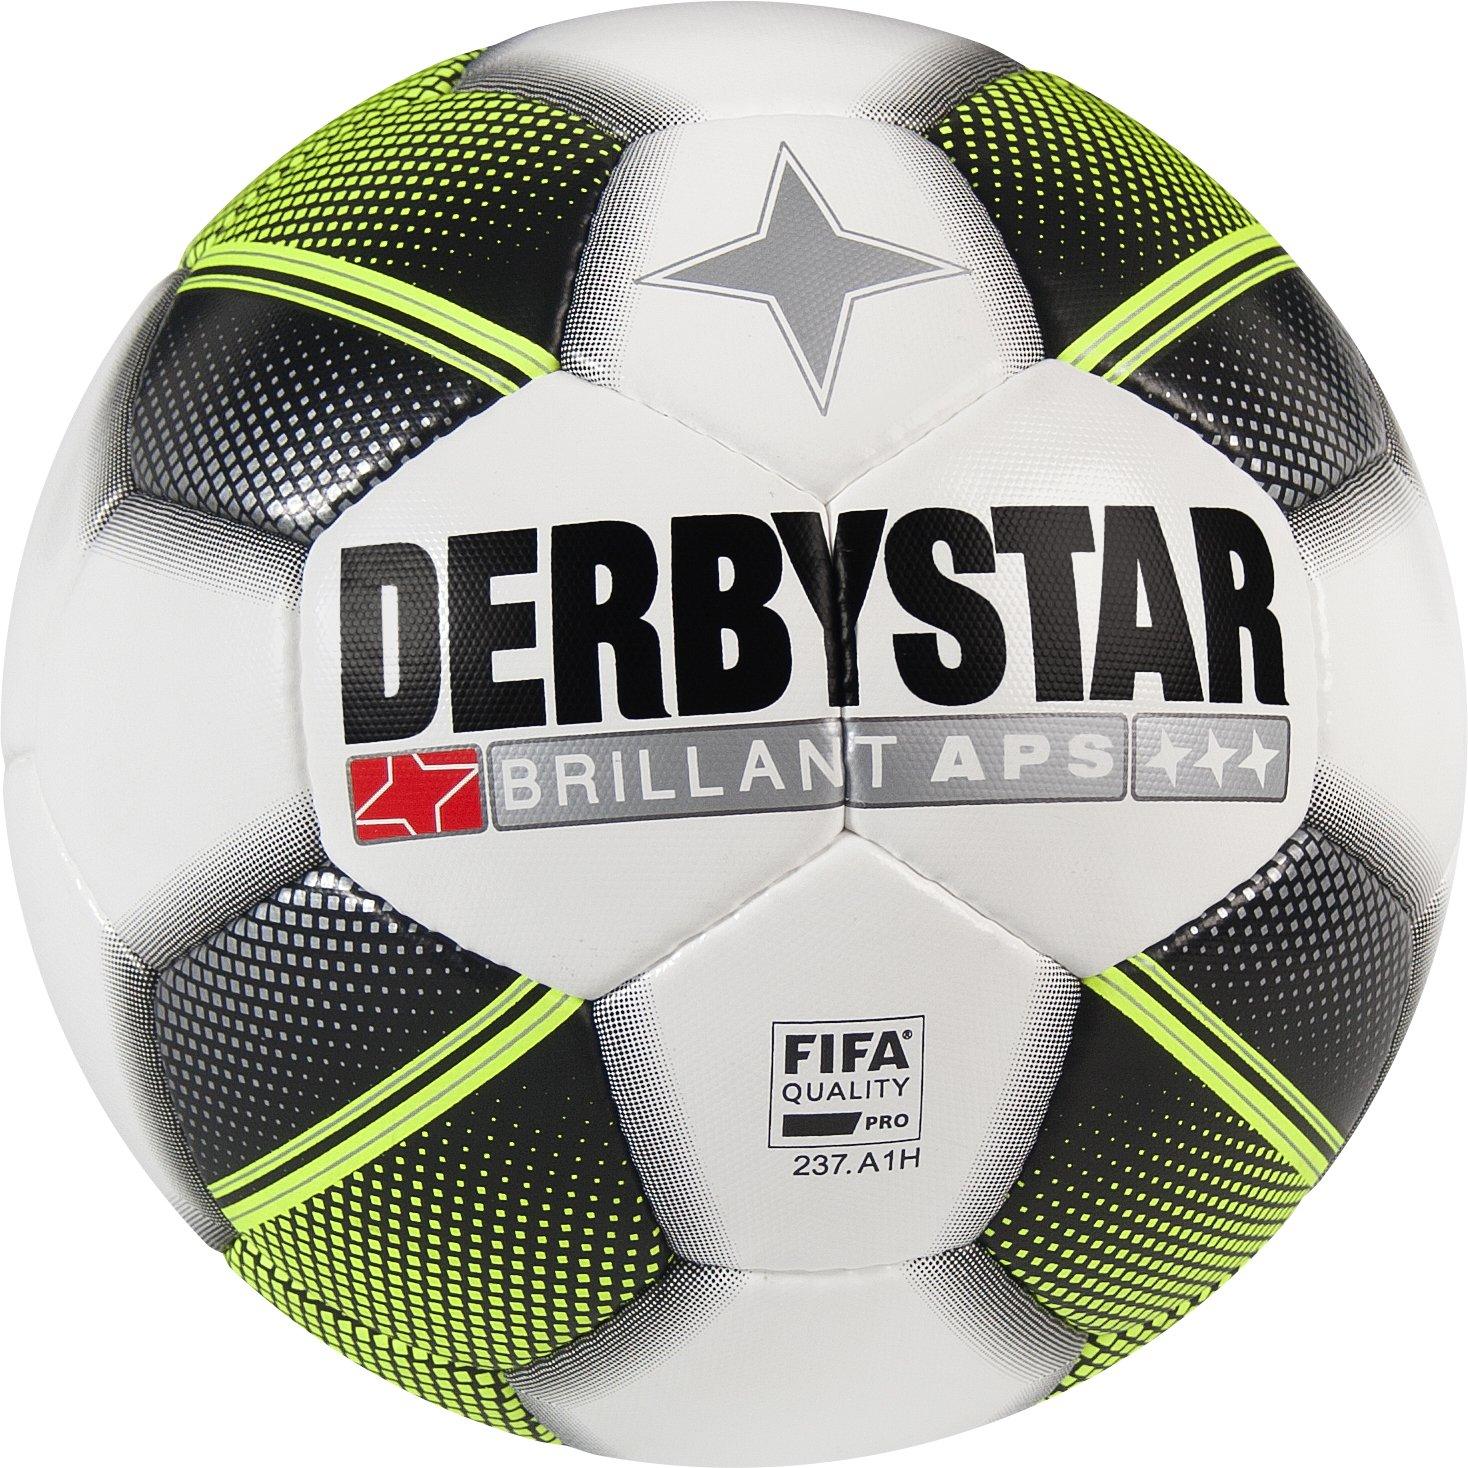 Derbystar Brillant APS, 5, weiß schwarz gelb, 1730500125